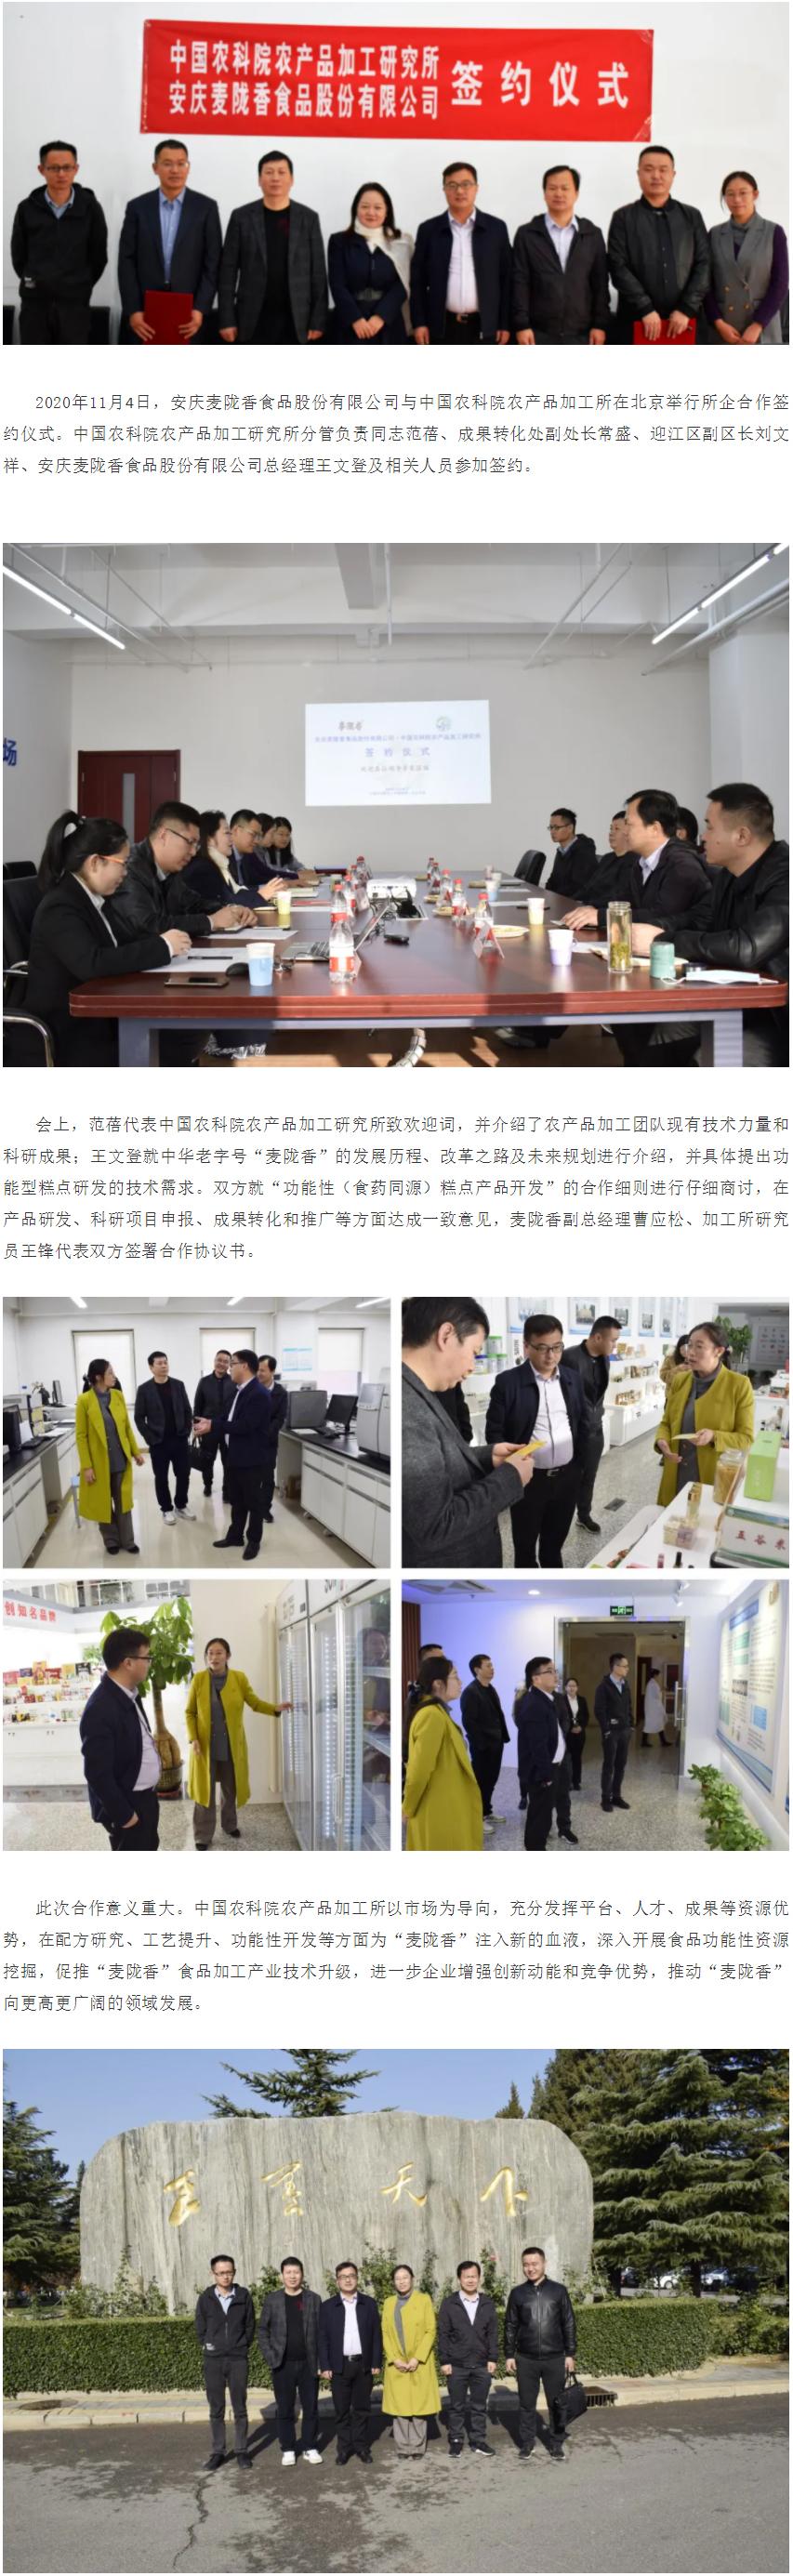 安庆麦陇香食品股份有限公司与中国农科院农产品加工所举行所企合作签约仪式